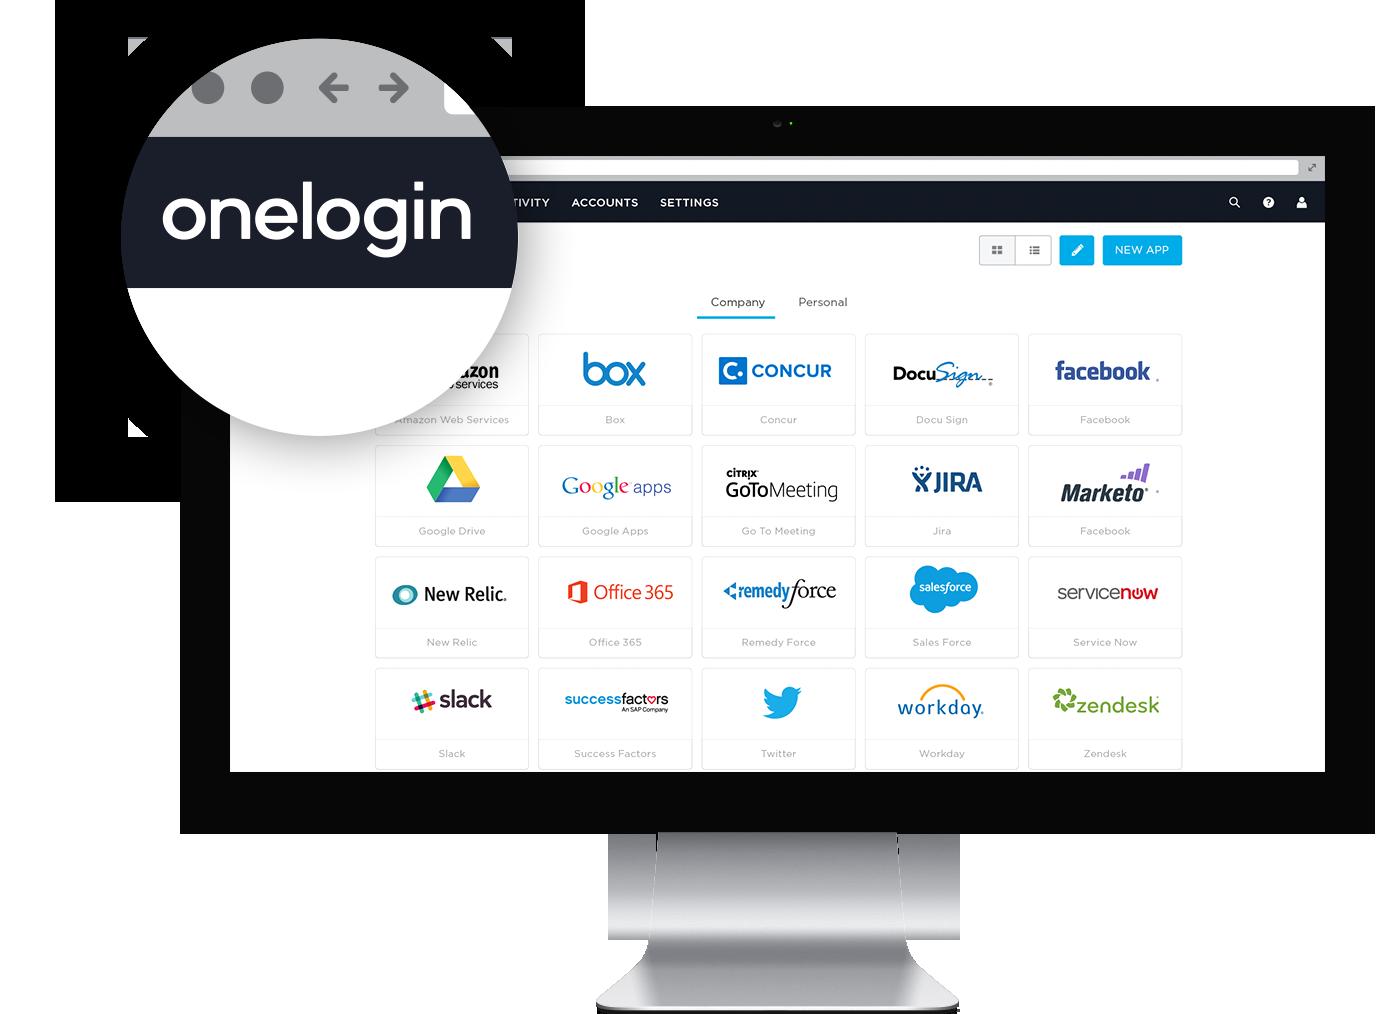 Американский сервис OneLogin перенес хакерскую атаку